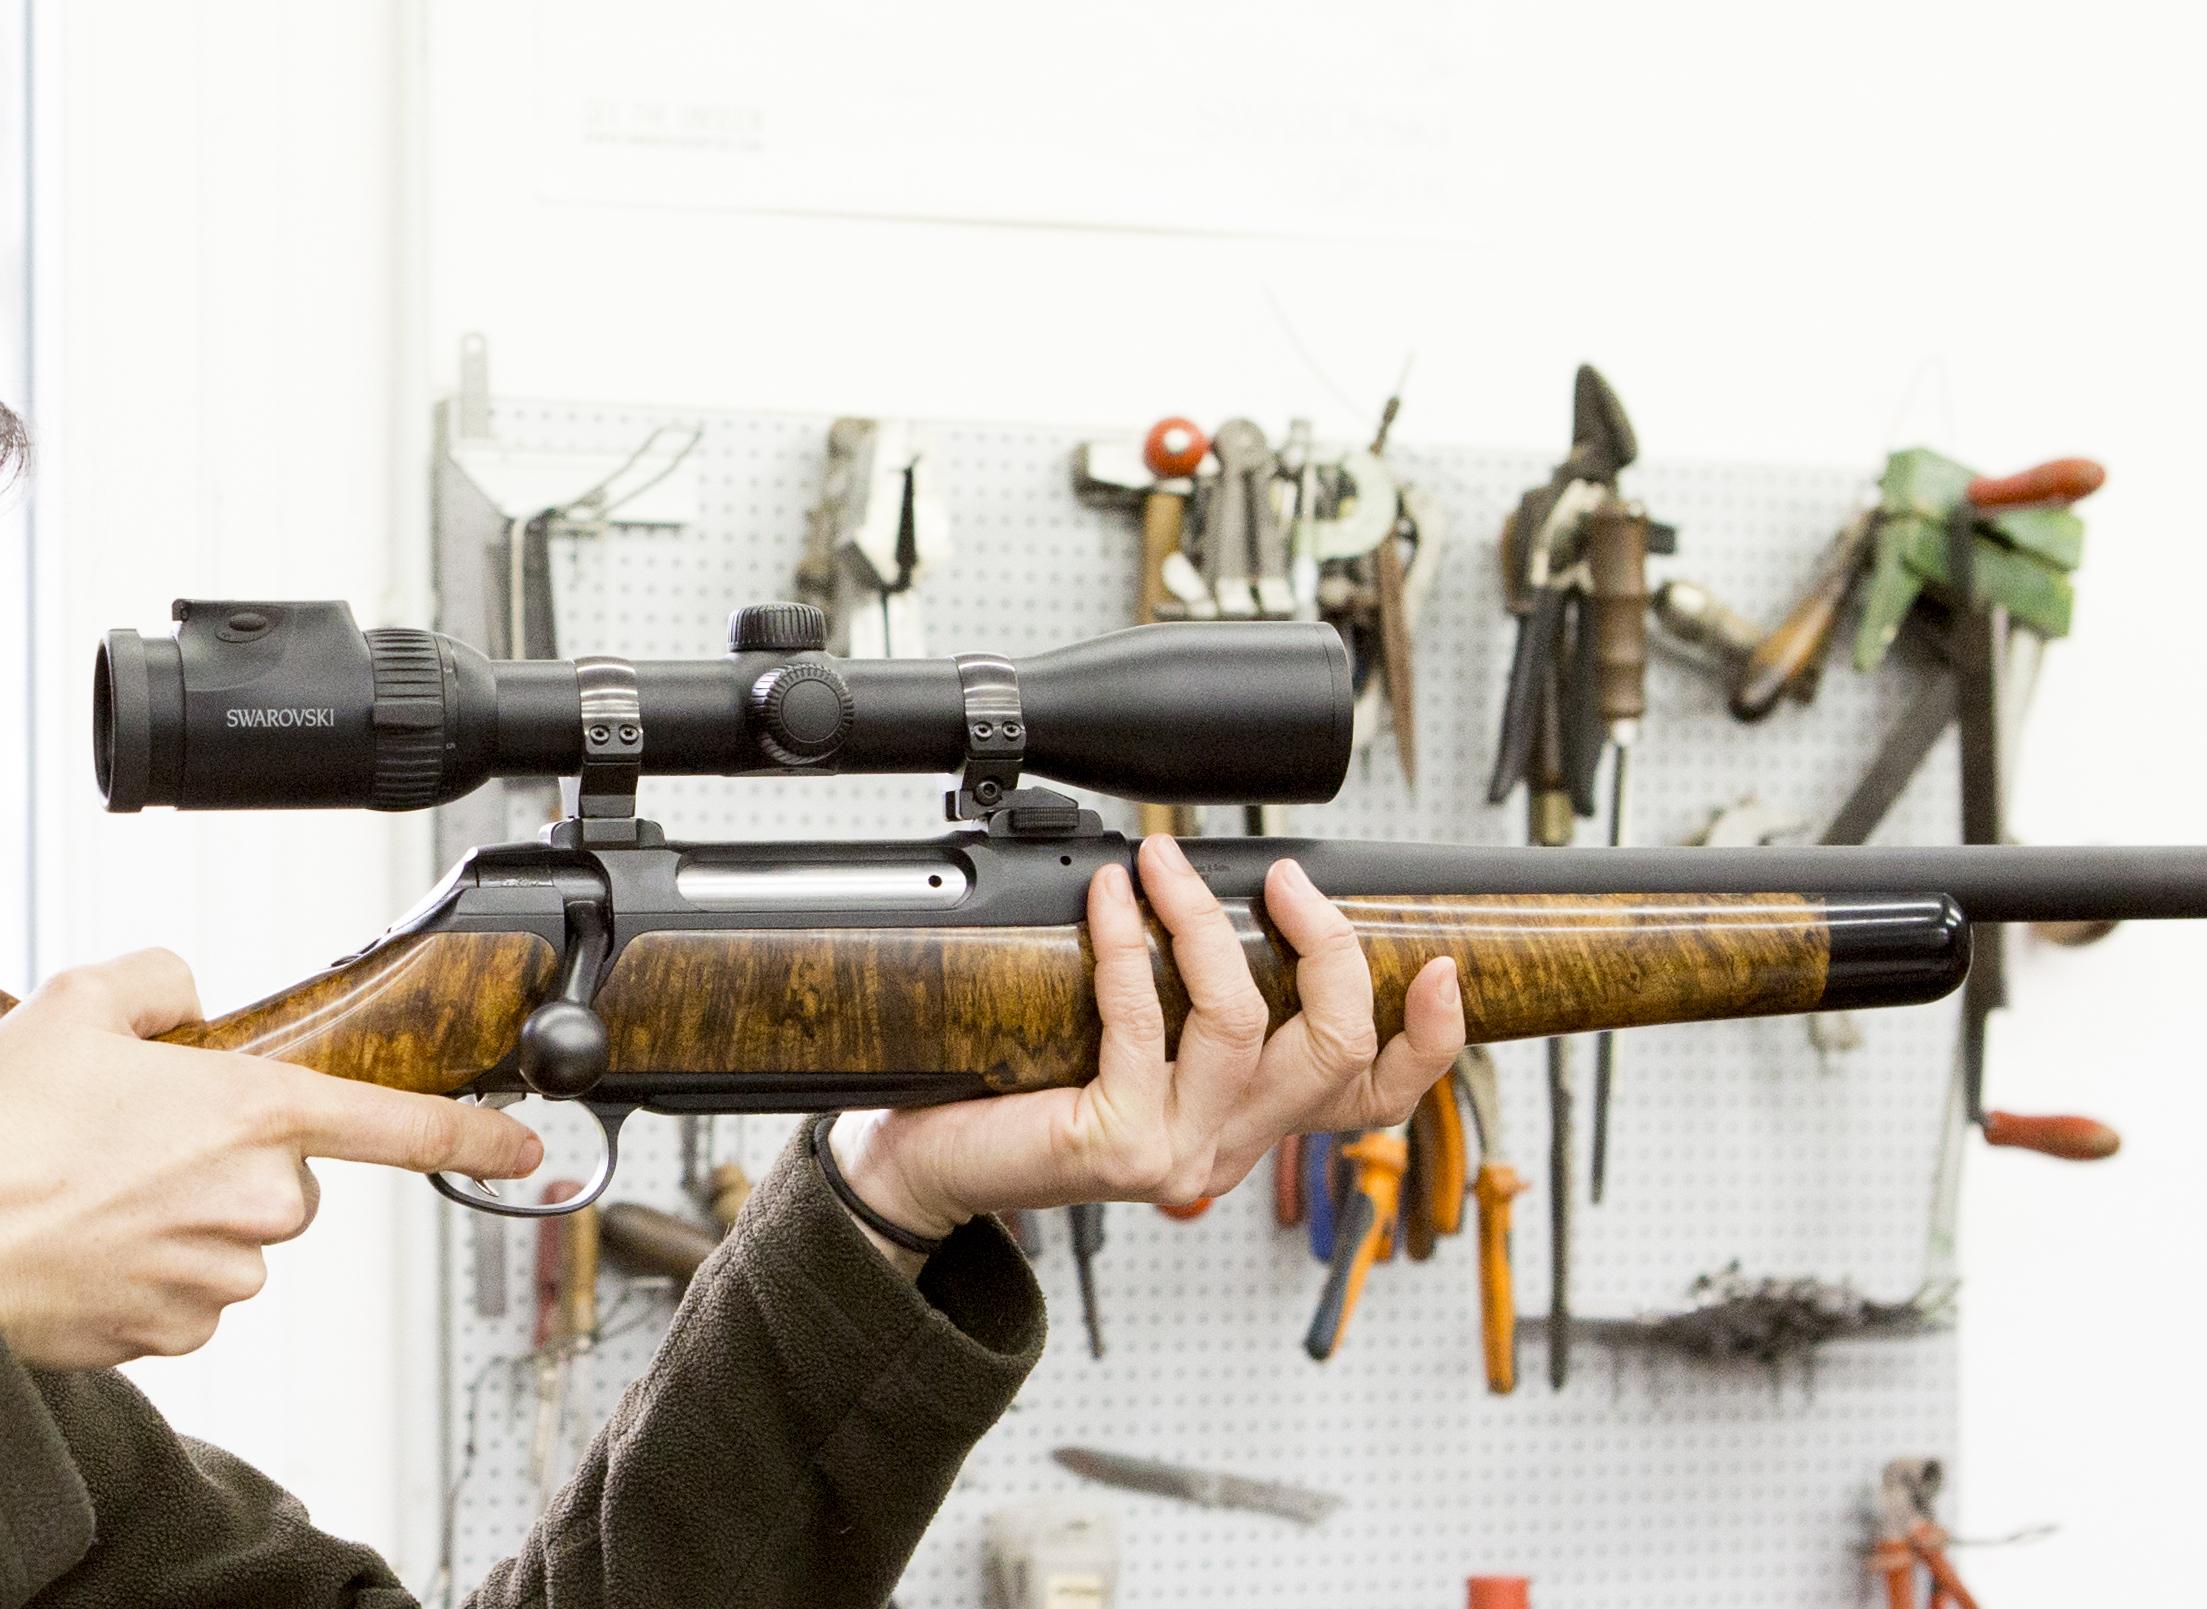 13 Zielfernrohr Montagen für Jäger